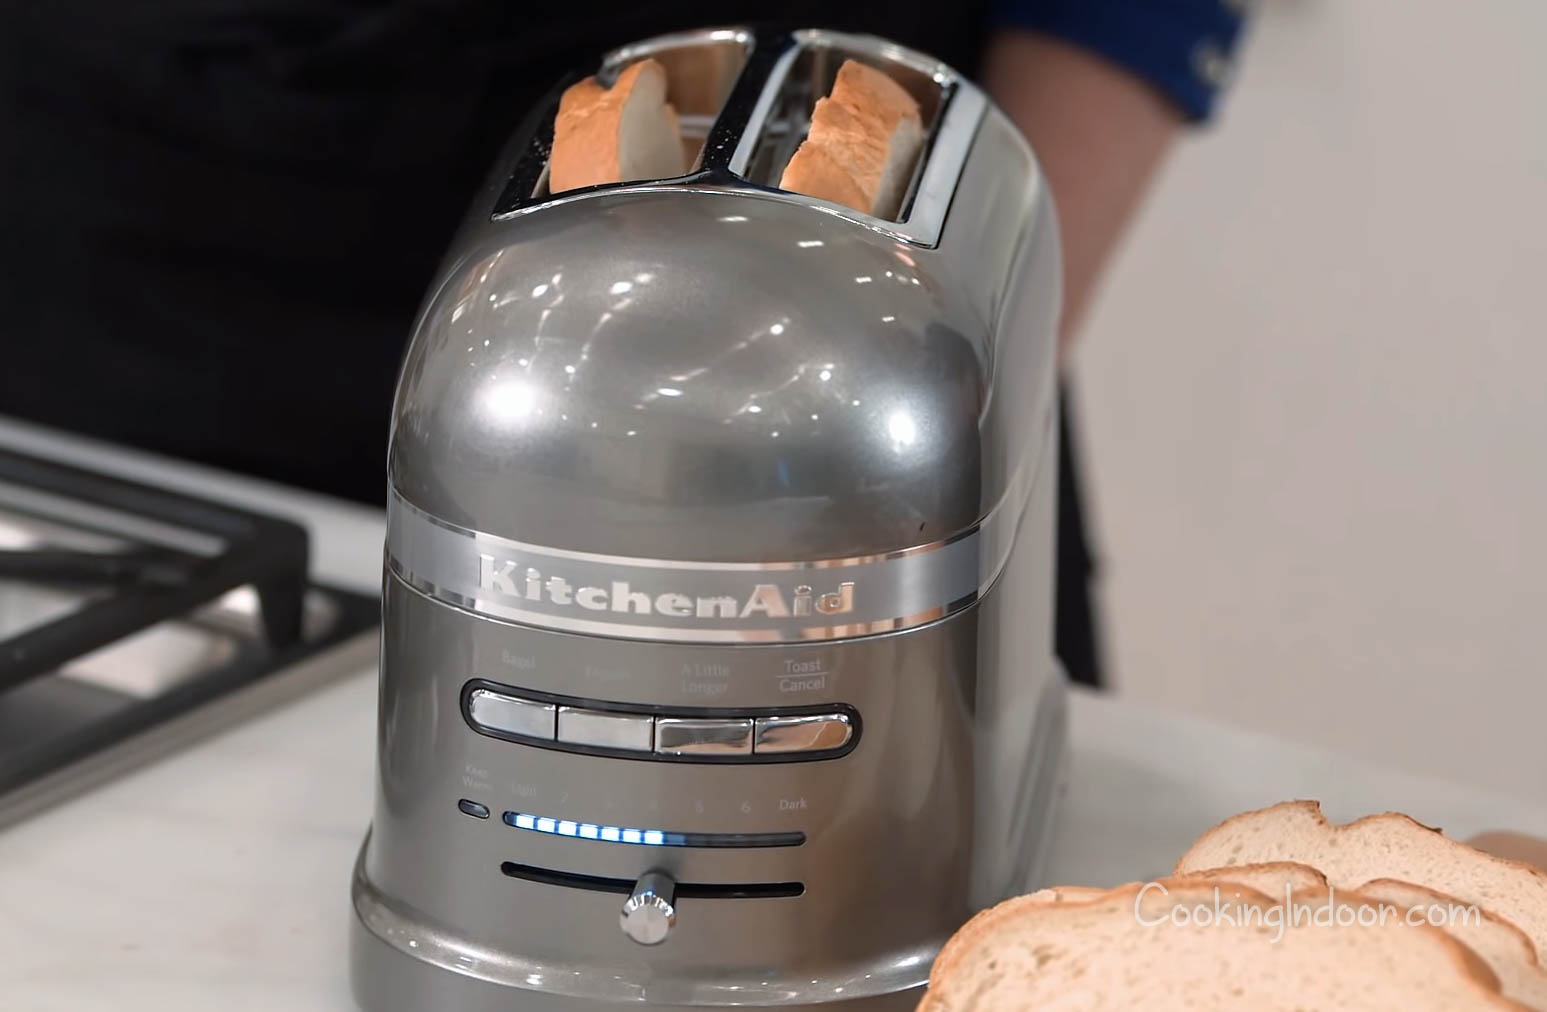 Best Kitchenaid toaster